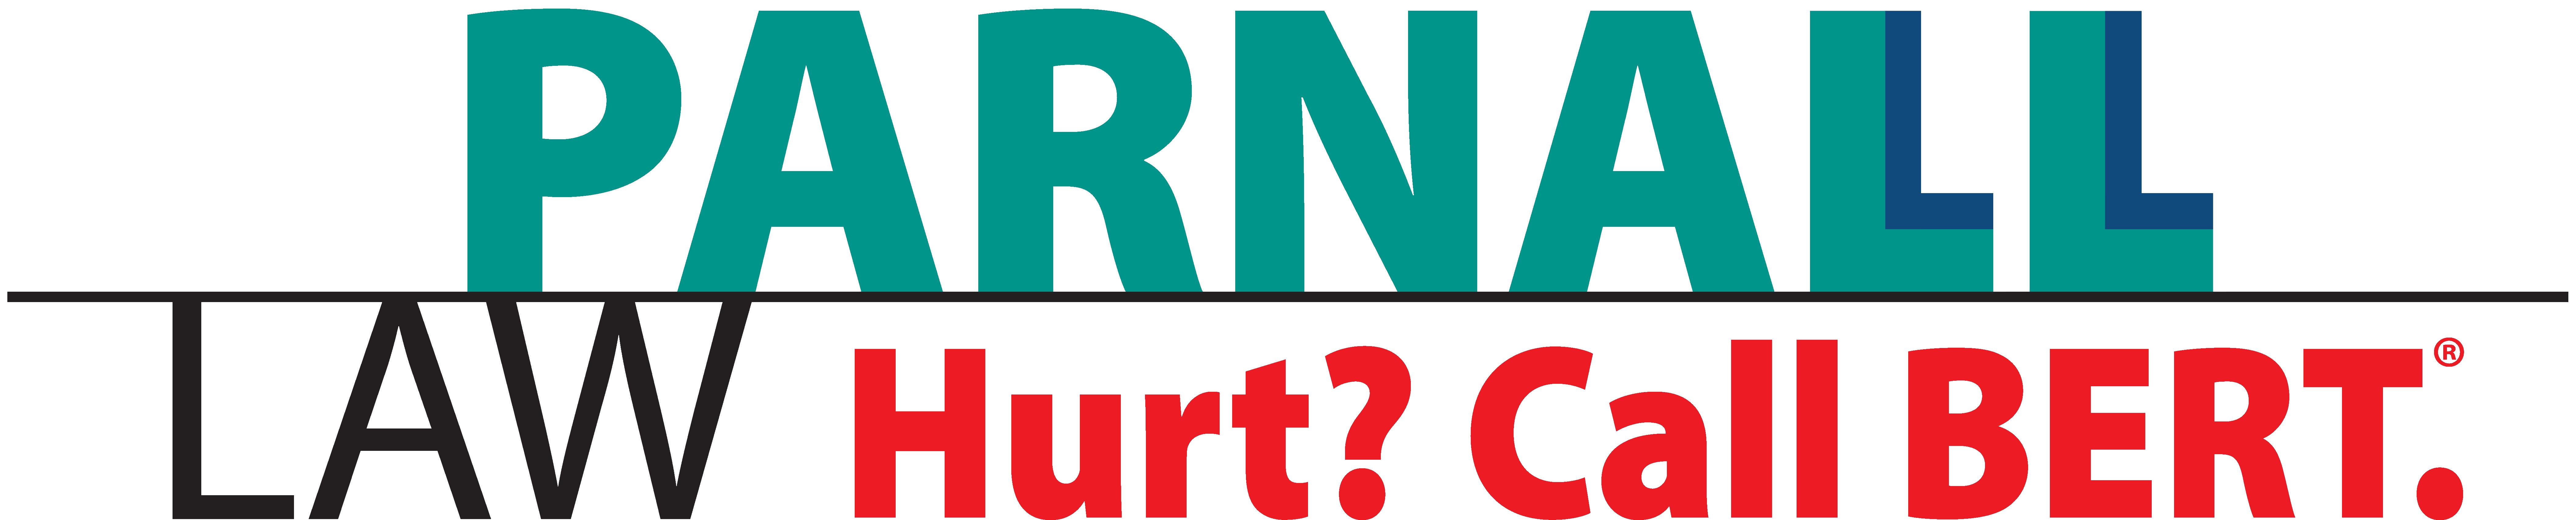 Parnall Law Company Logo